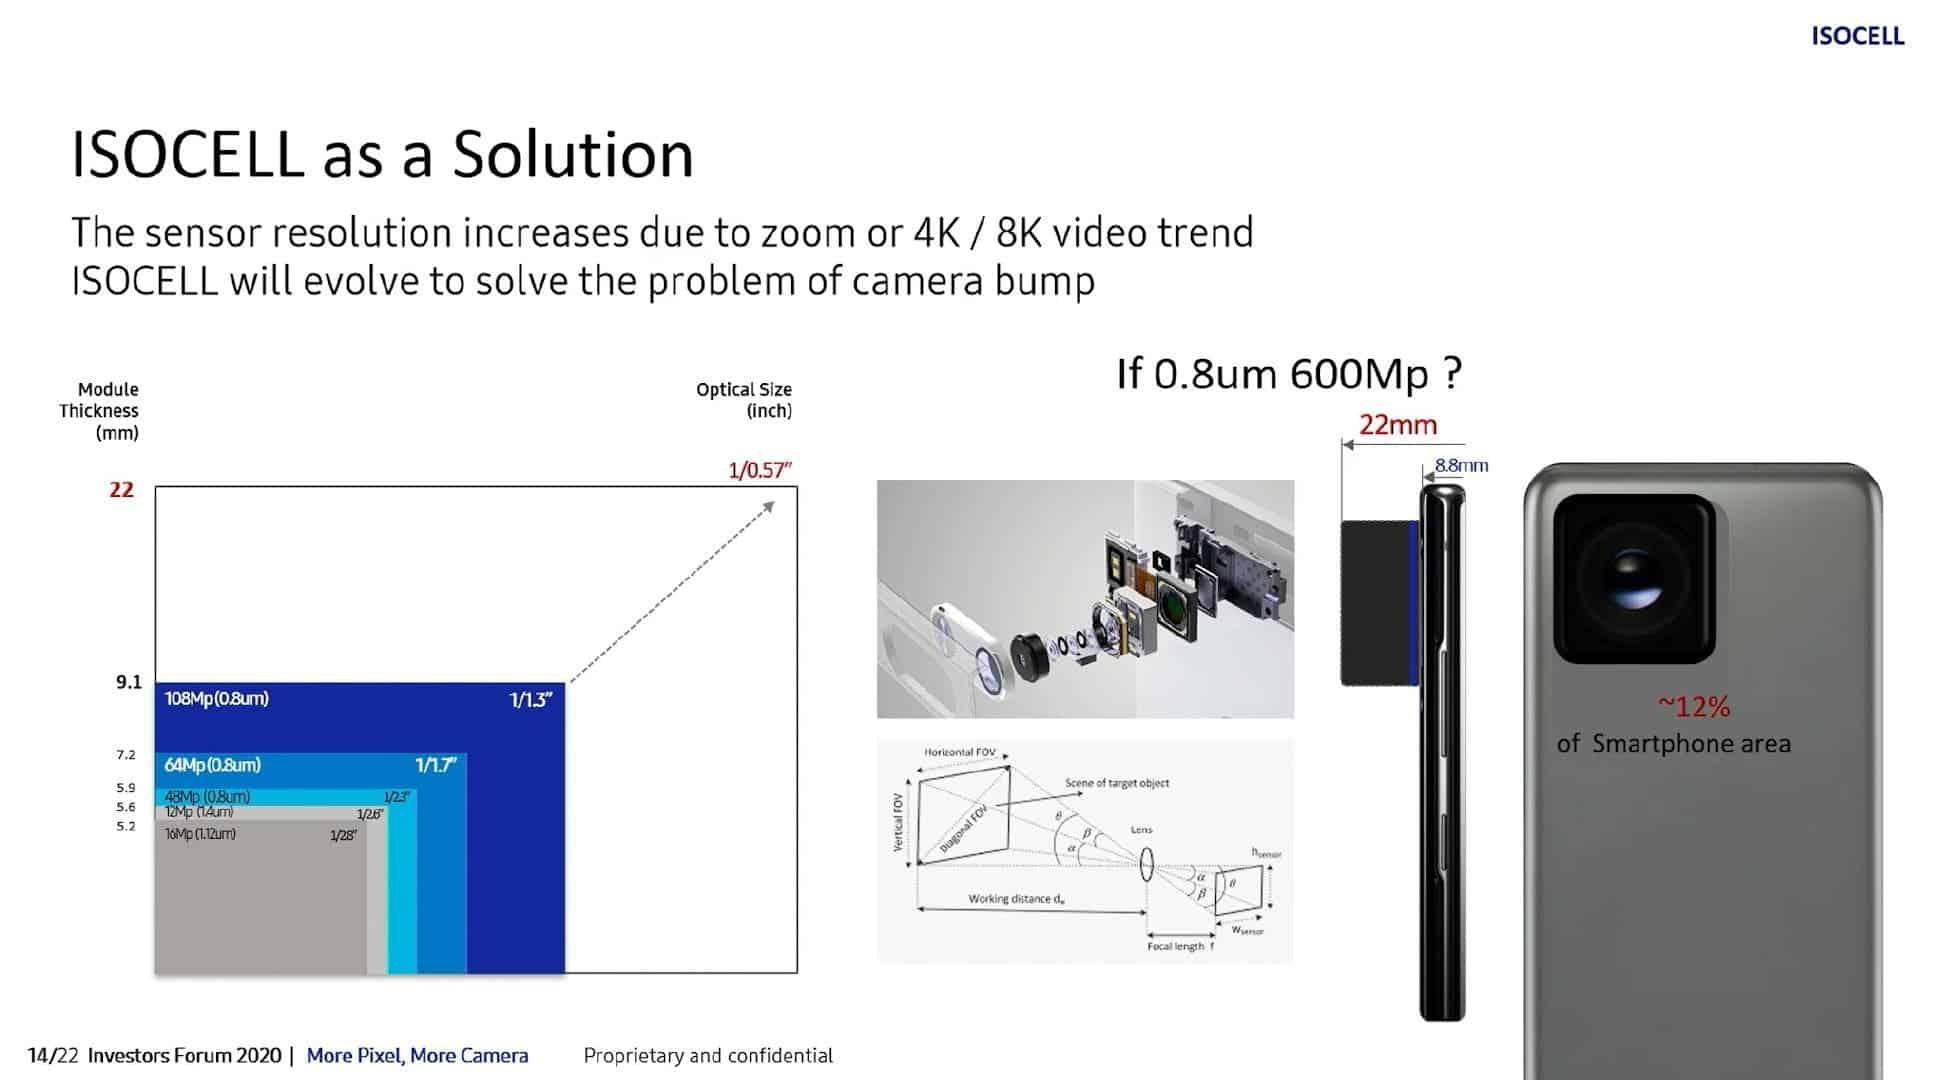 Samsung готовится представить инновационную камеру для смартфонов - фото 2